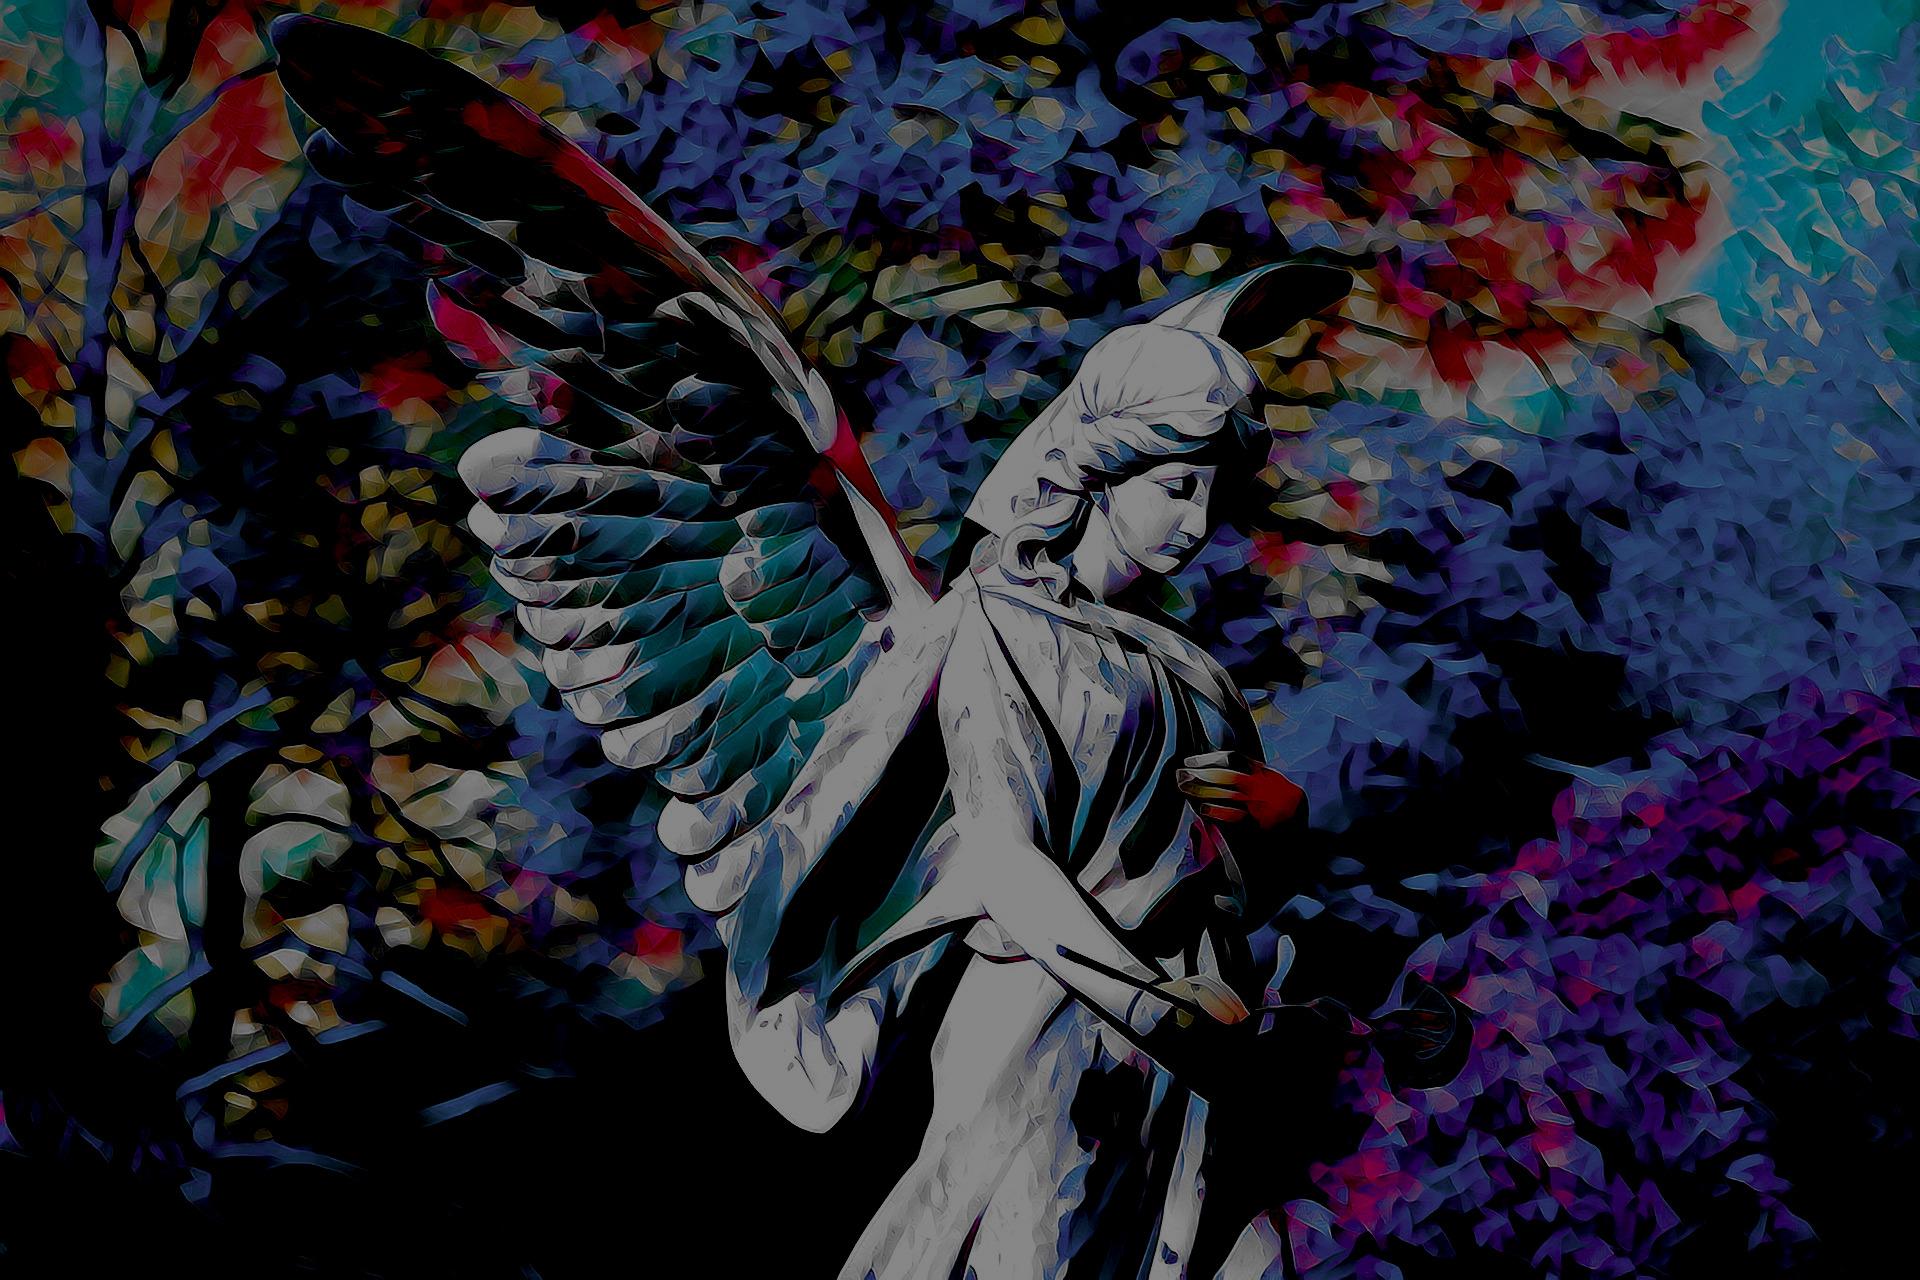 wywoływanie duchów - wróżka Ksymena